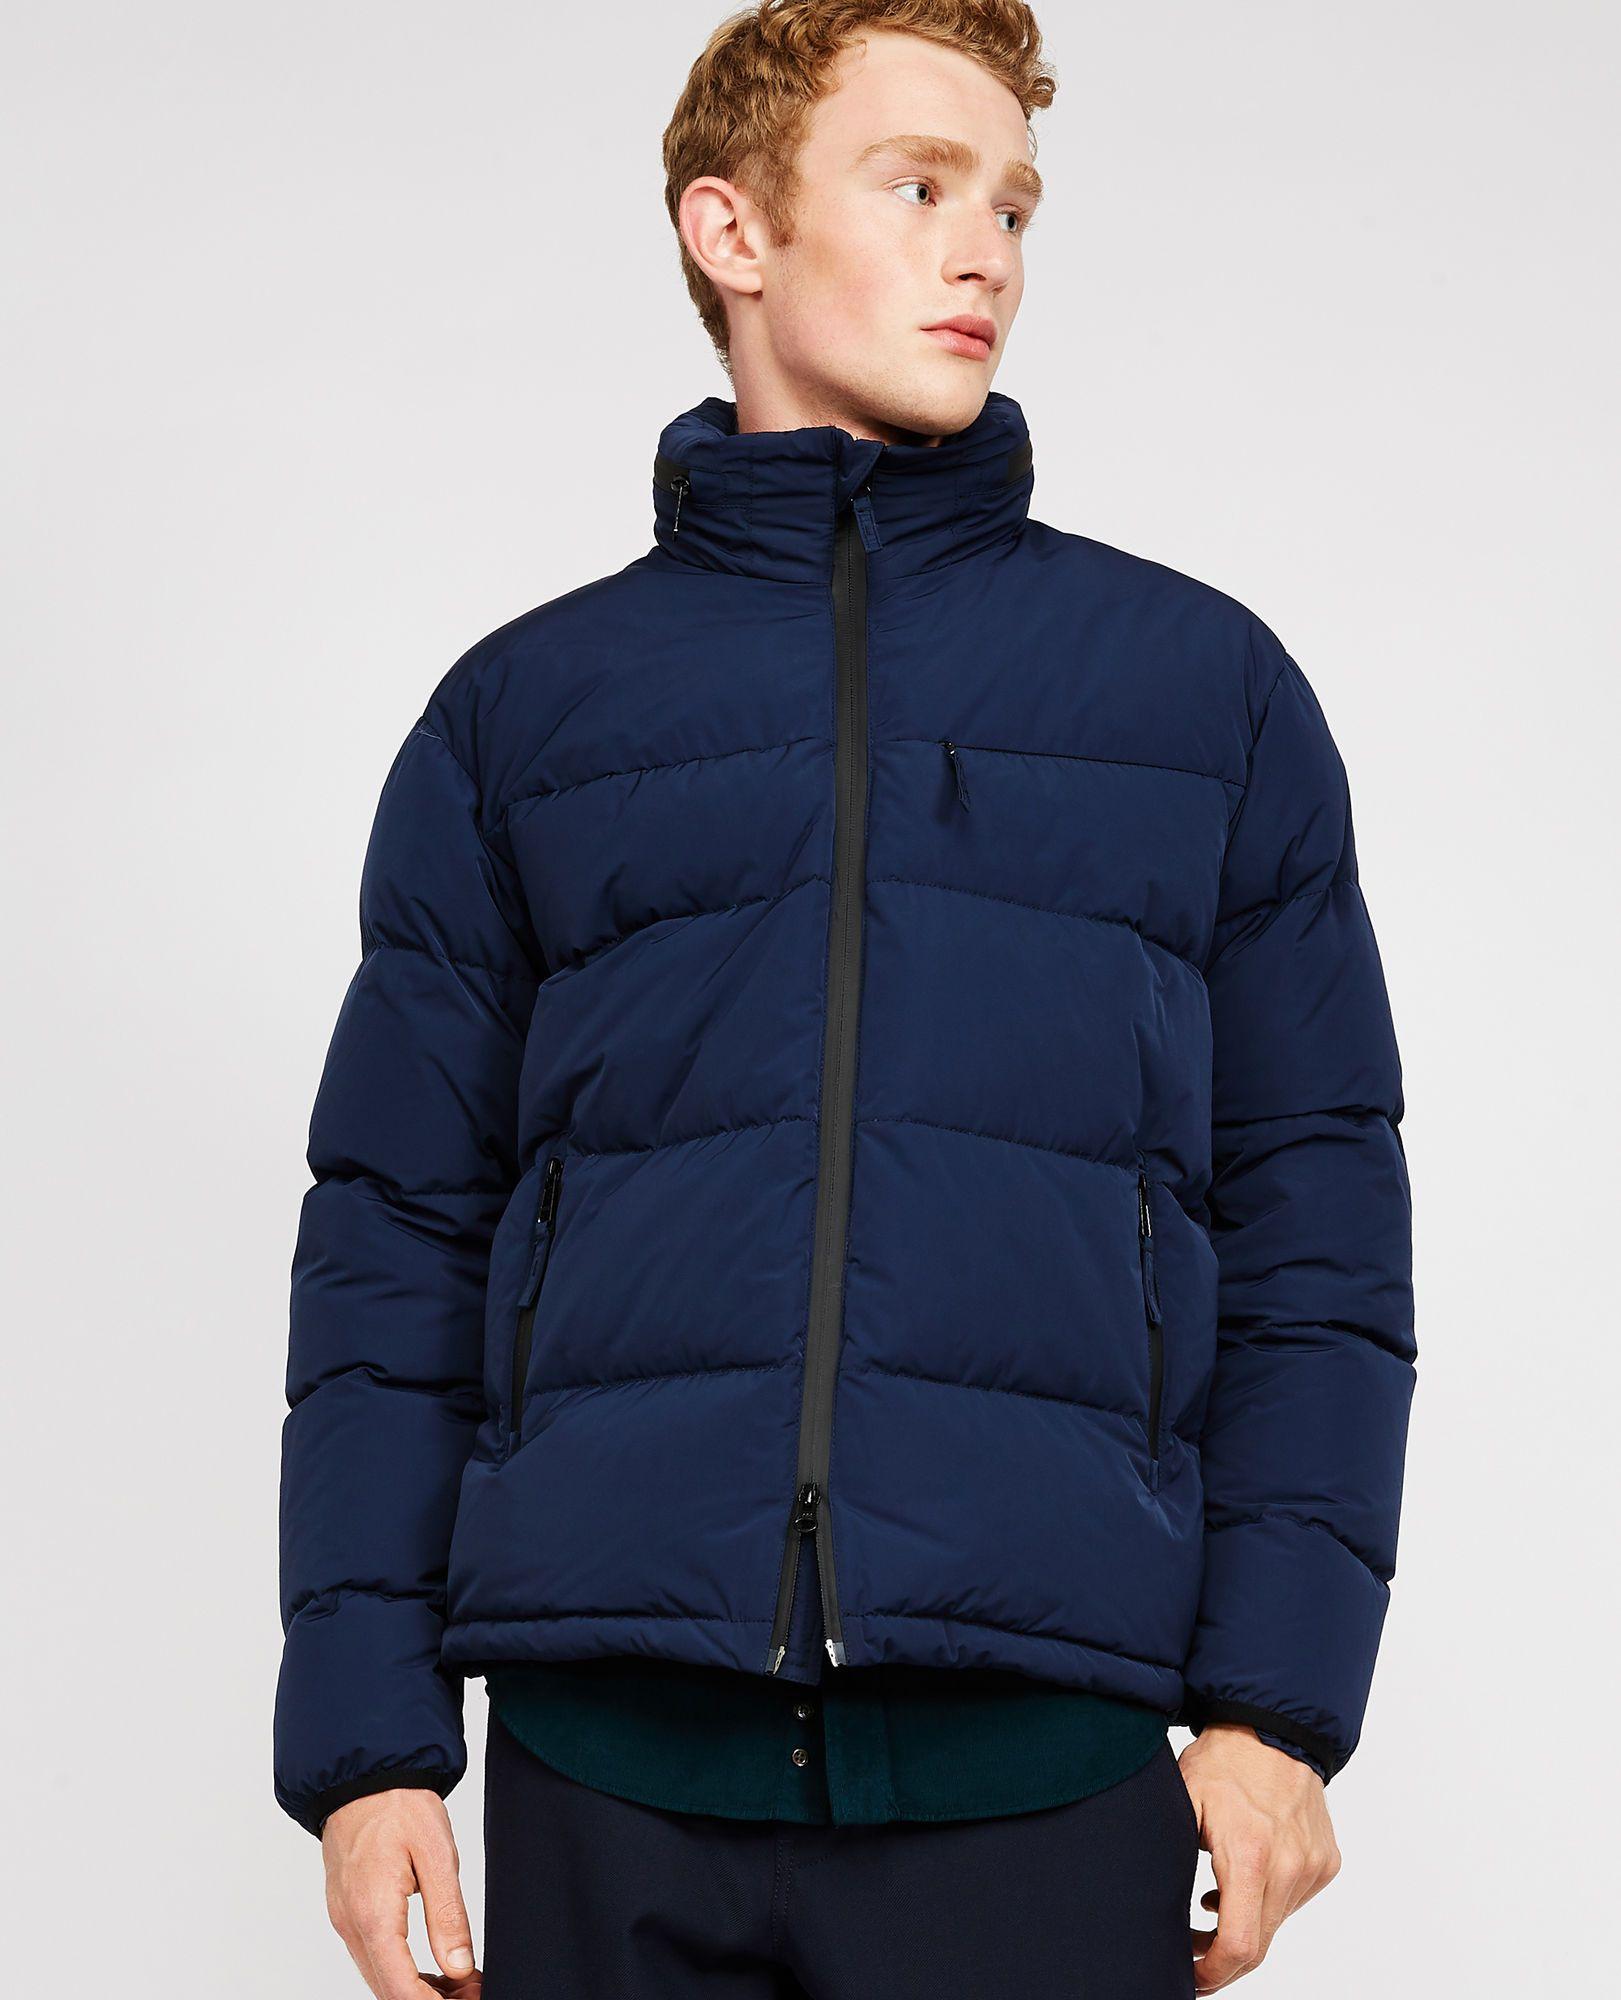 Jacket Tic Tec  7453e8c95